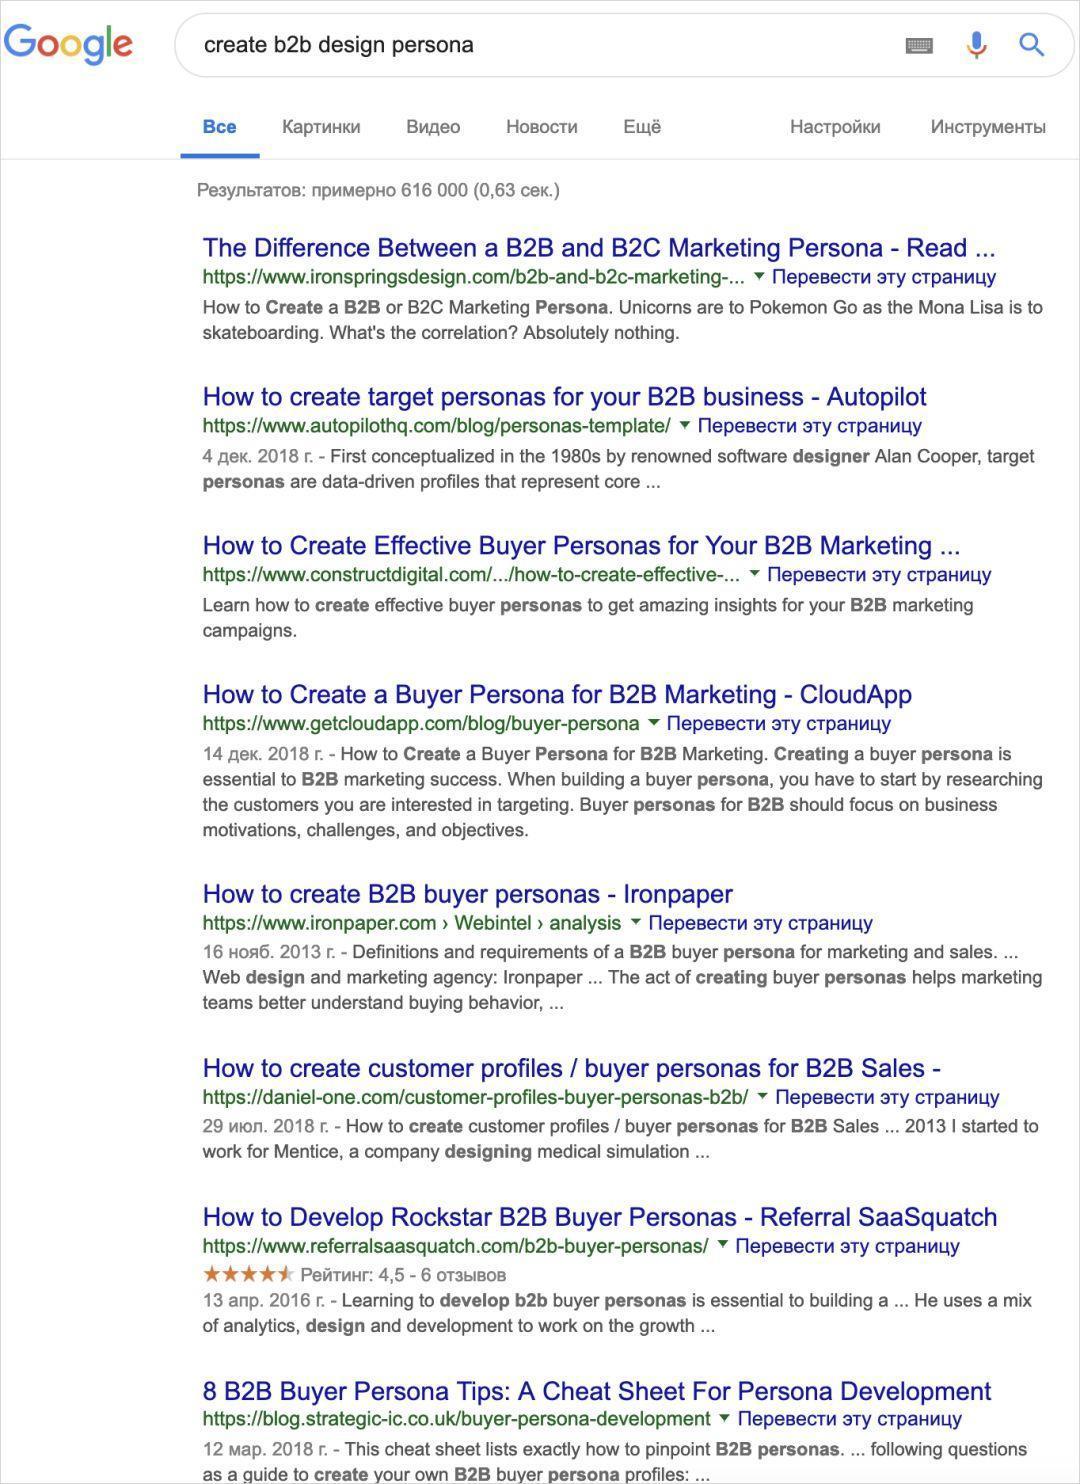 如何为 B2B 产品绘制用户画像(Persona)?